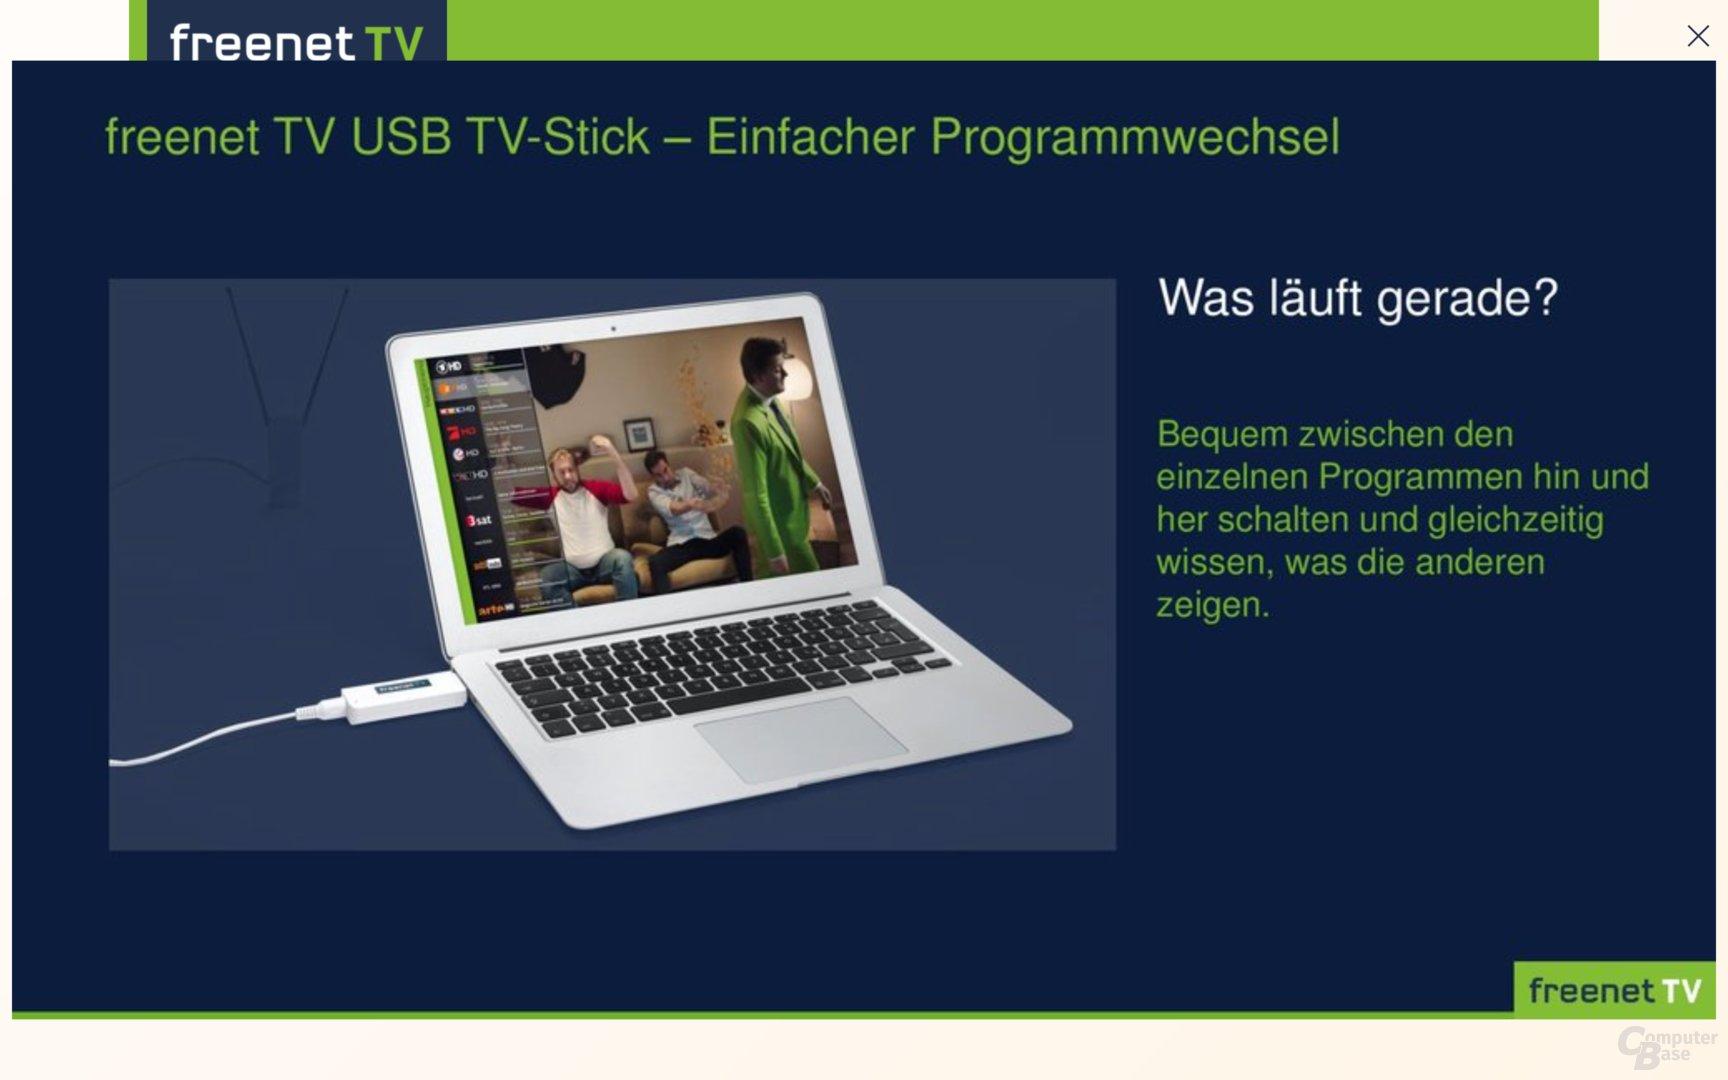 Voraussetzung sind USB 2.0 und Windows 7 / macOS 10.9